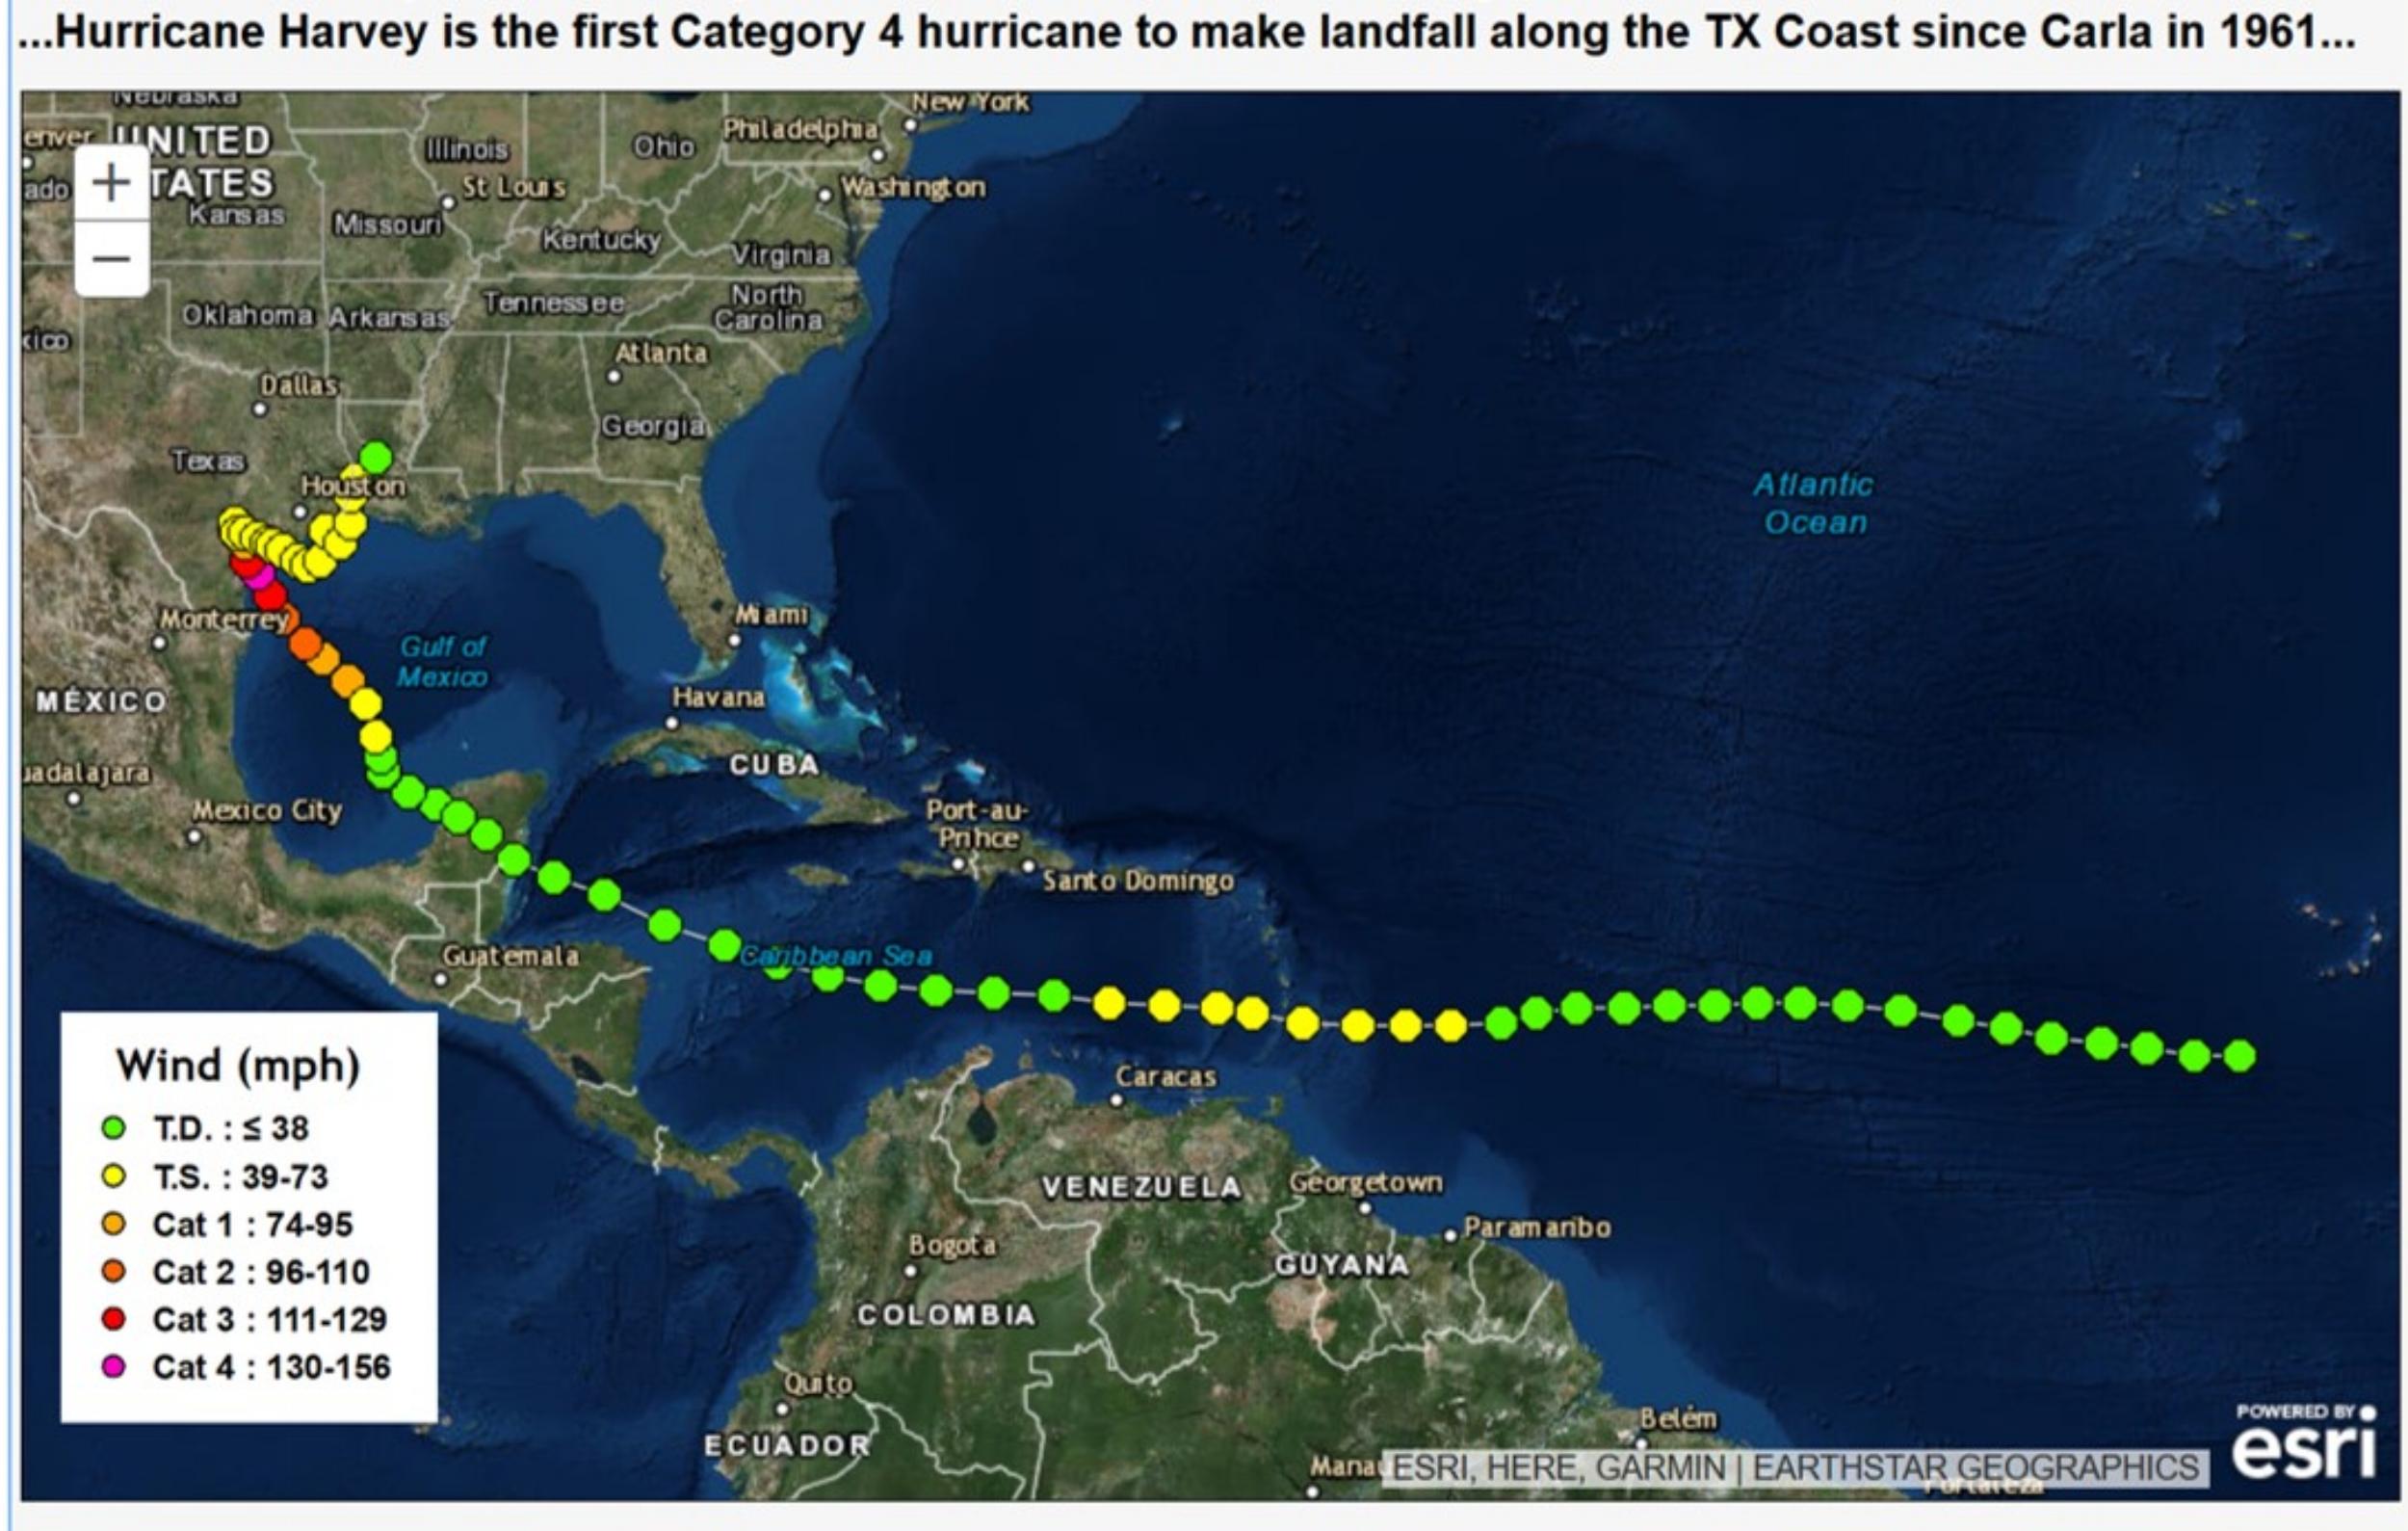 Hurricane Harvey Timeline.jpg